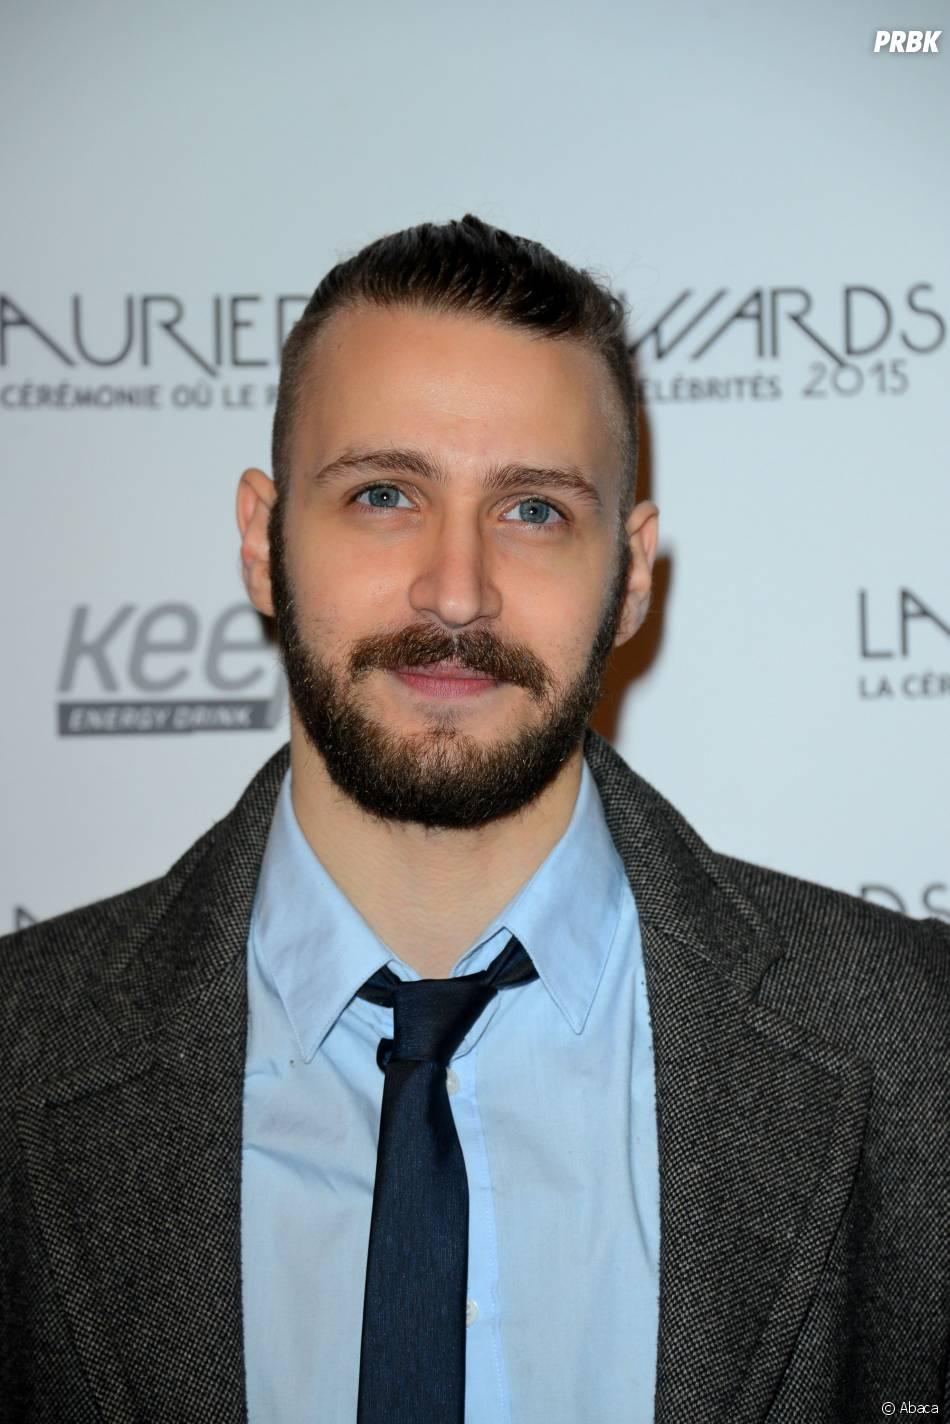 Larry Lynch de Rising Star sur le tapis-rouge de la cérémonie des Lauriers TV Awards le 6 janvier 2015 à Paris